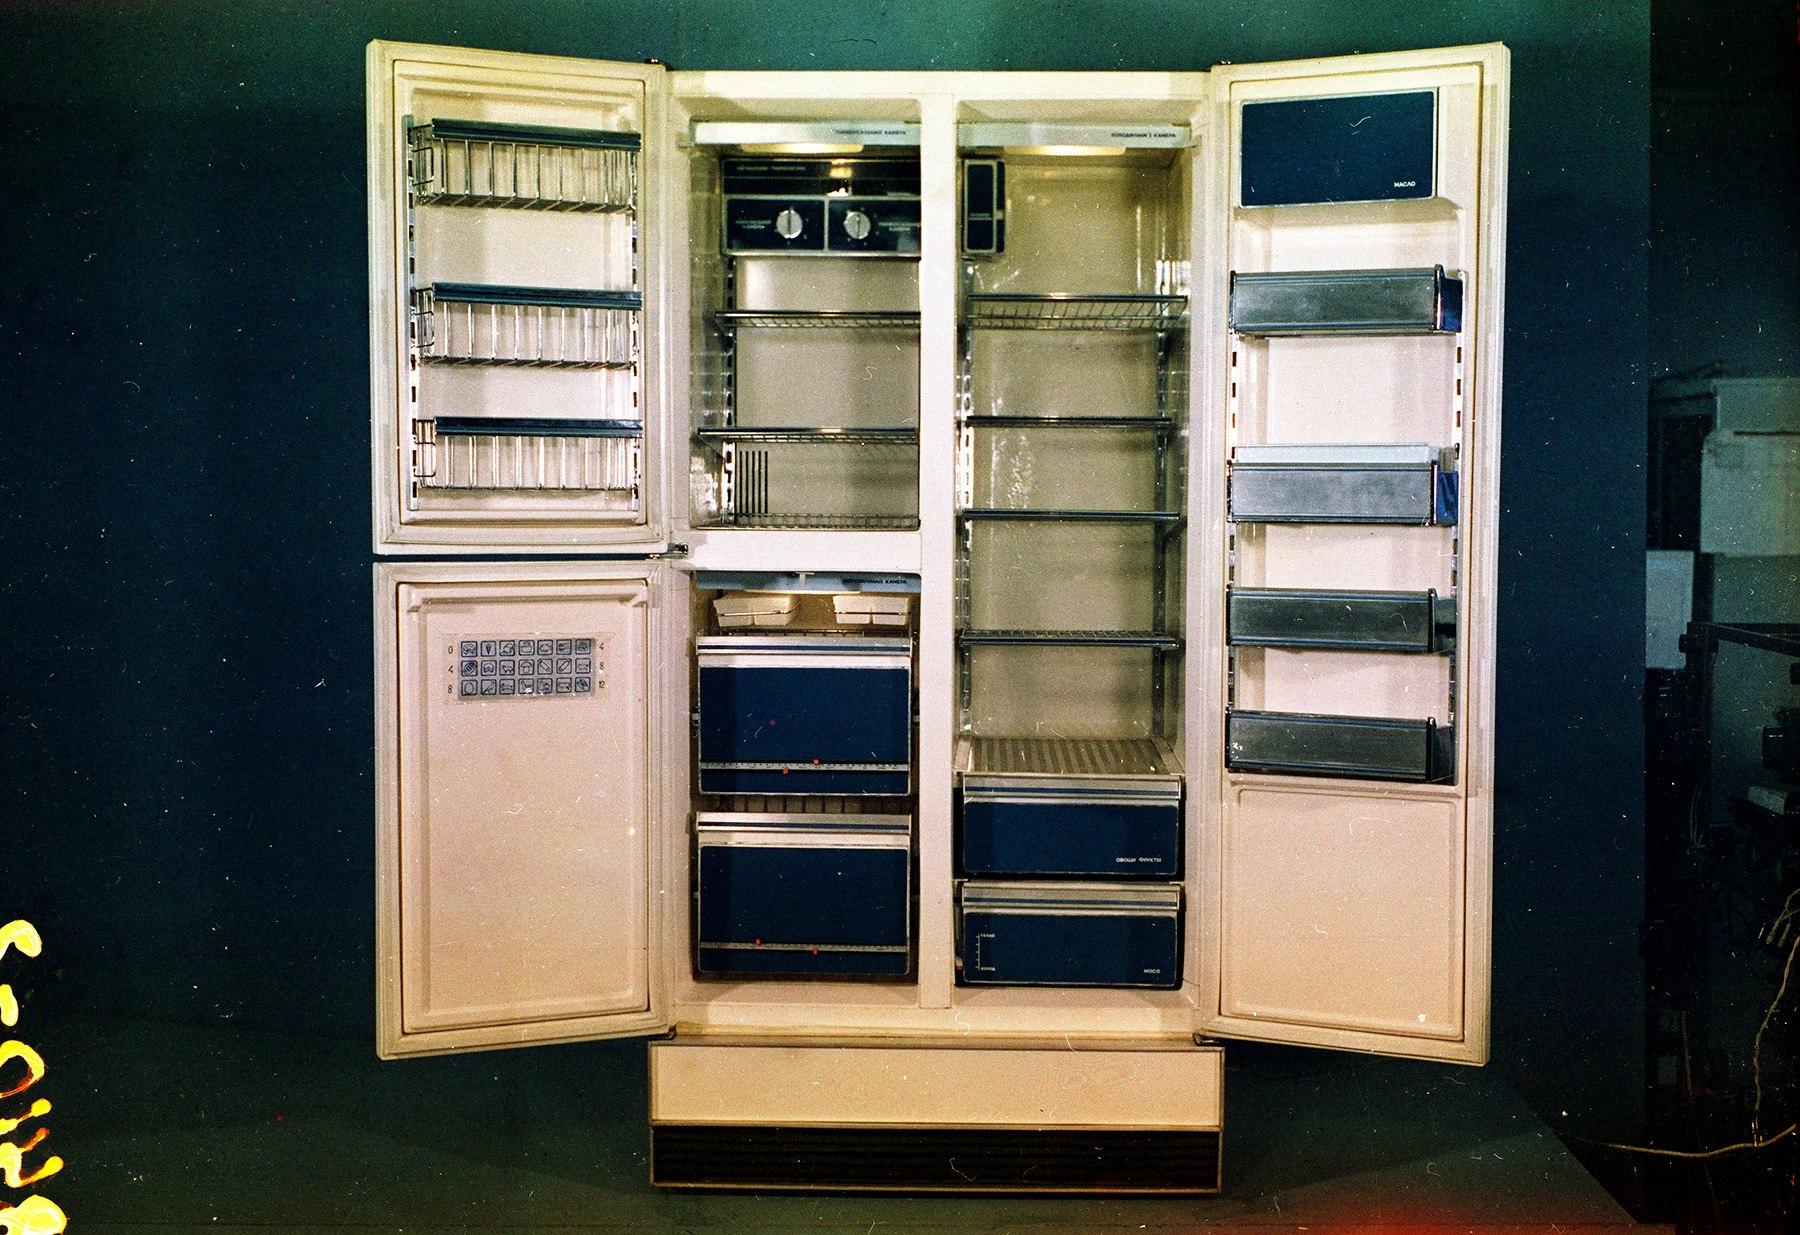 """Холодильники """"зил"""" - взлеты и падения... часть iii   cтатьи о холодильниках и морозильниках   холодильник.инфо"""